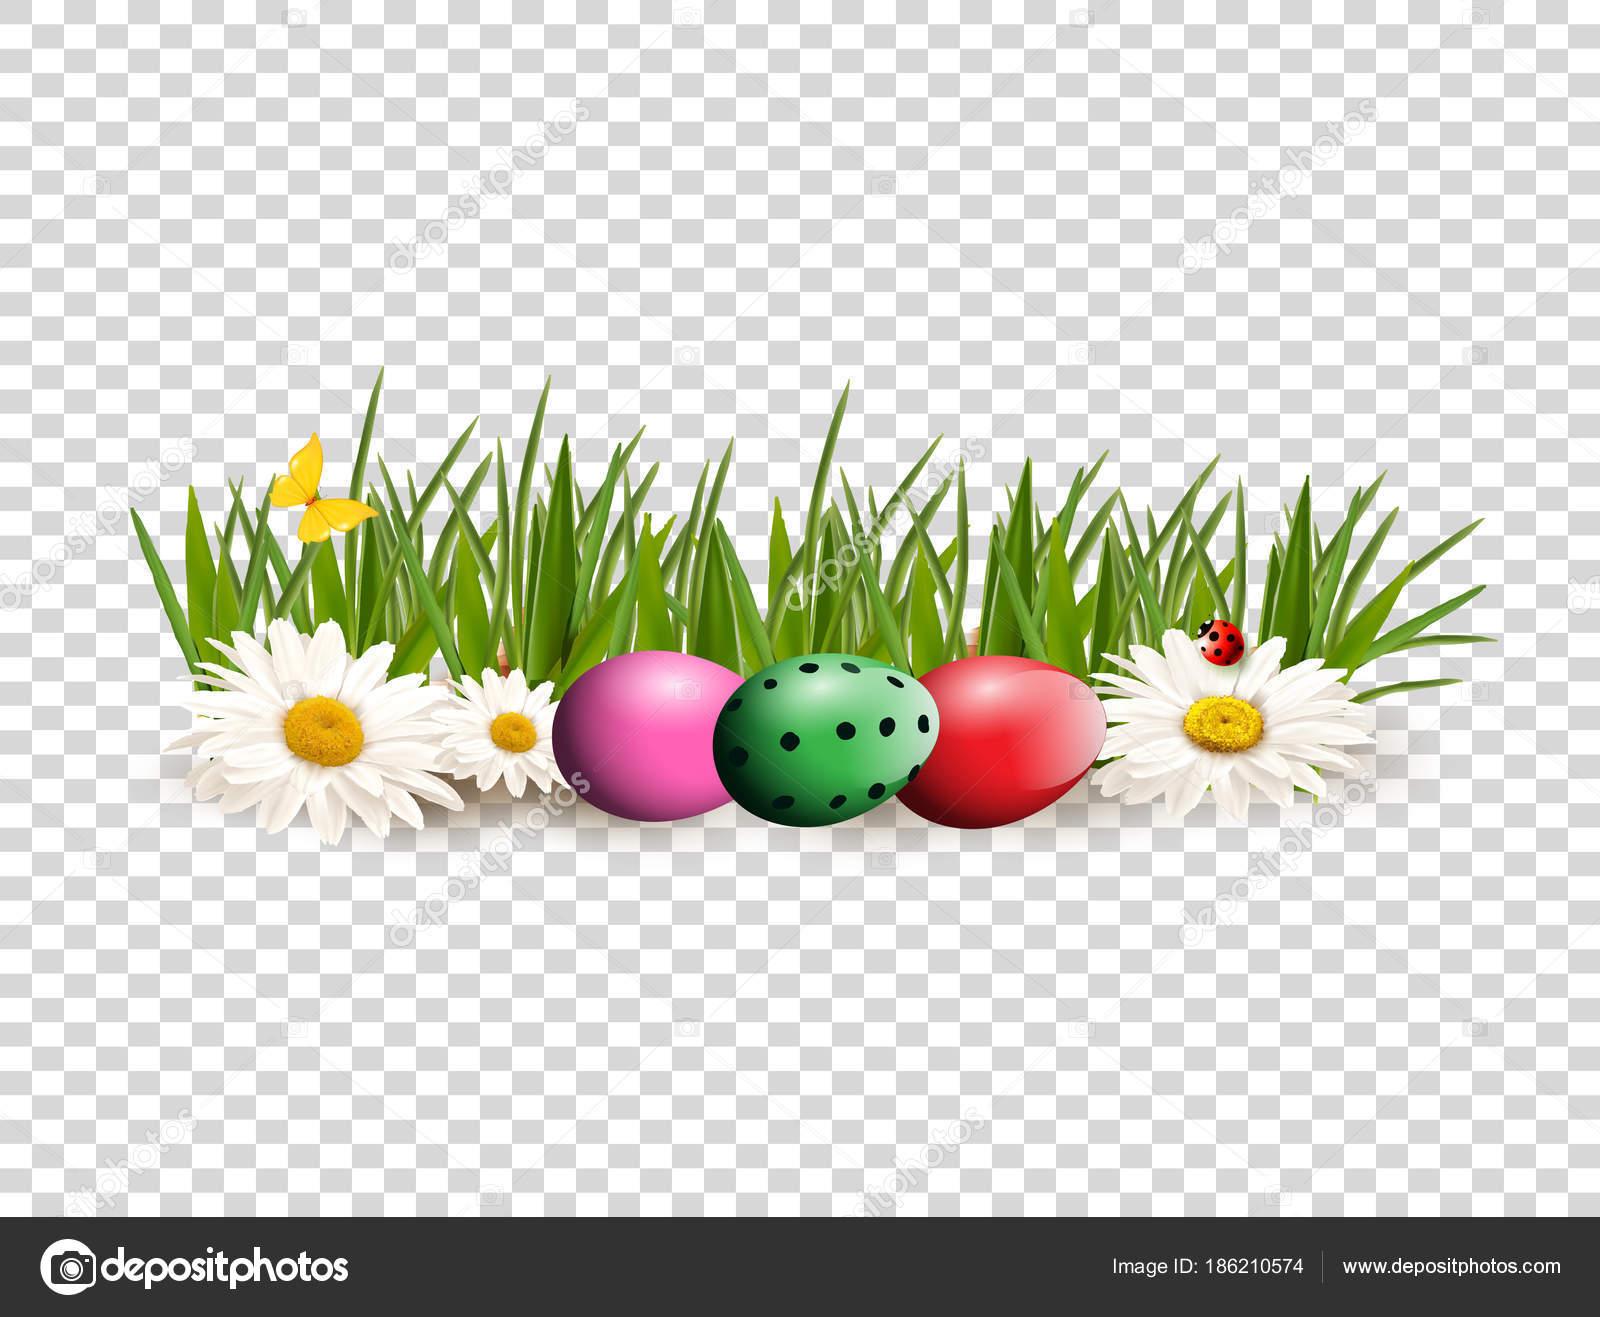 Prediseñadas de Pascua para la tarjeta de felicitación con huevos ...